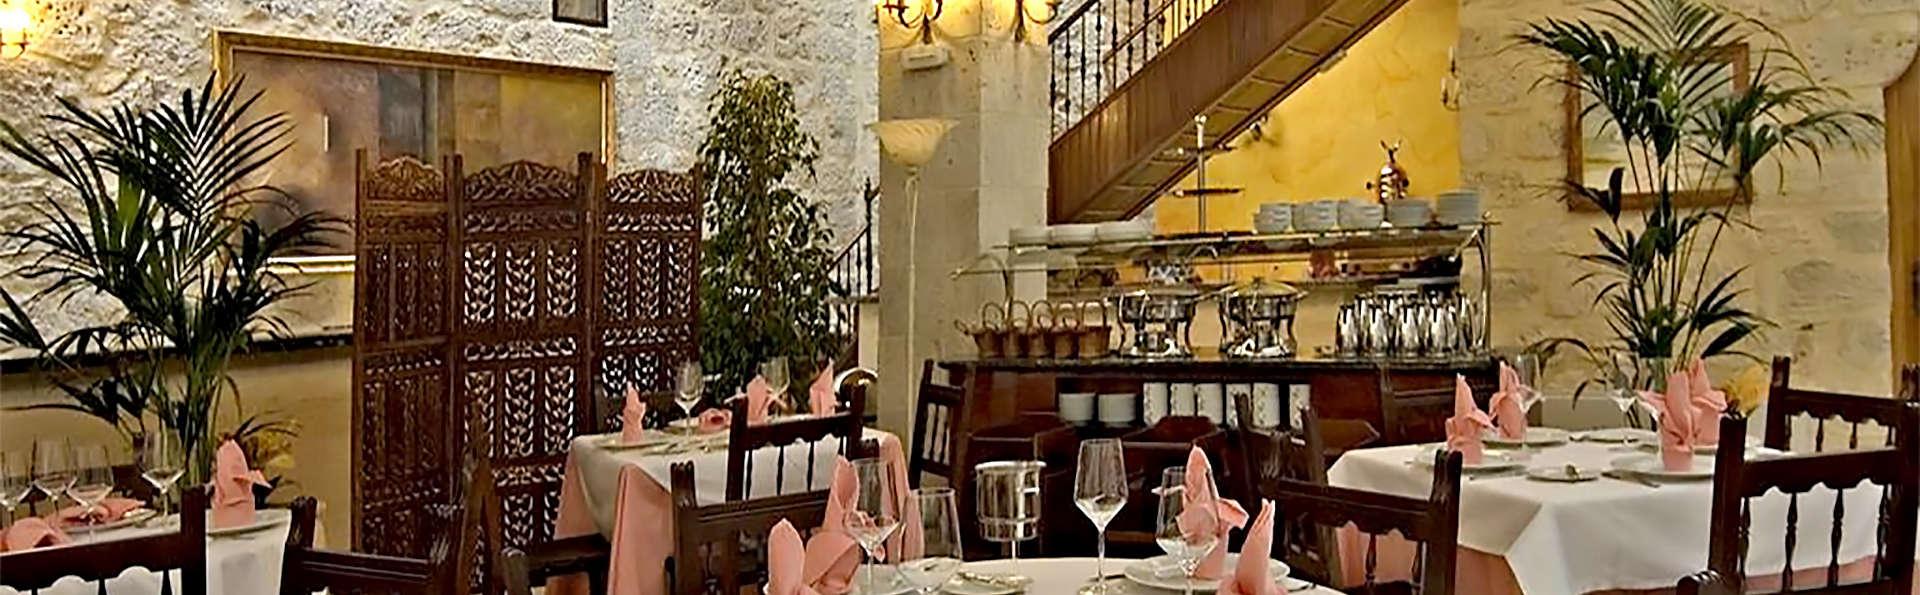 Gastronomie et magie à Burgos dans un château datant du XV siècle avec dîner, chocolat et cava